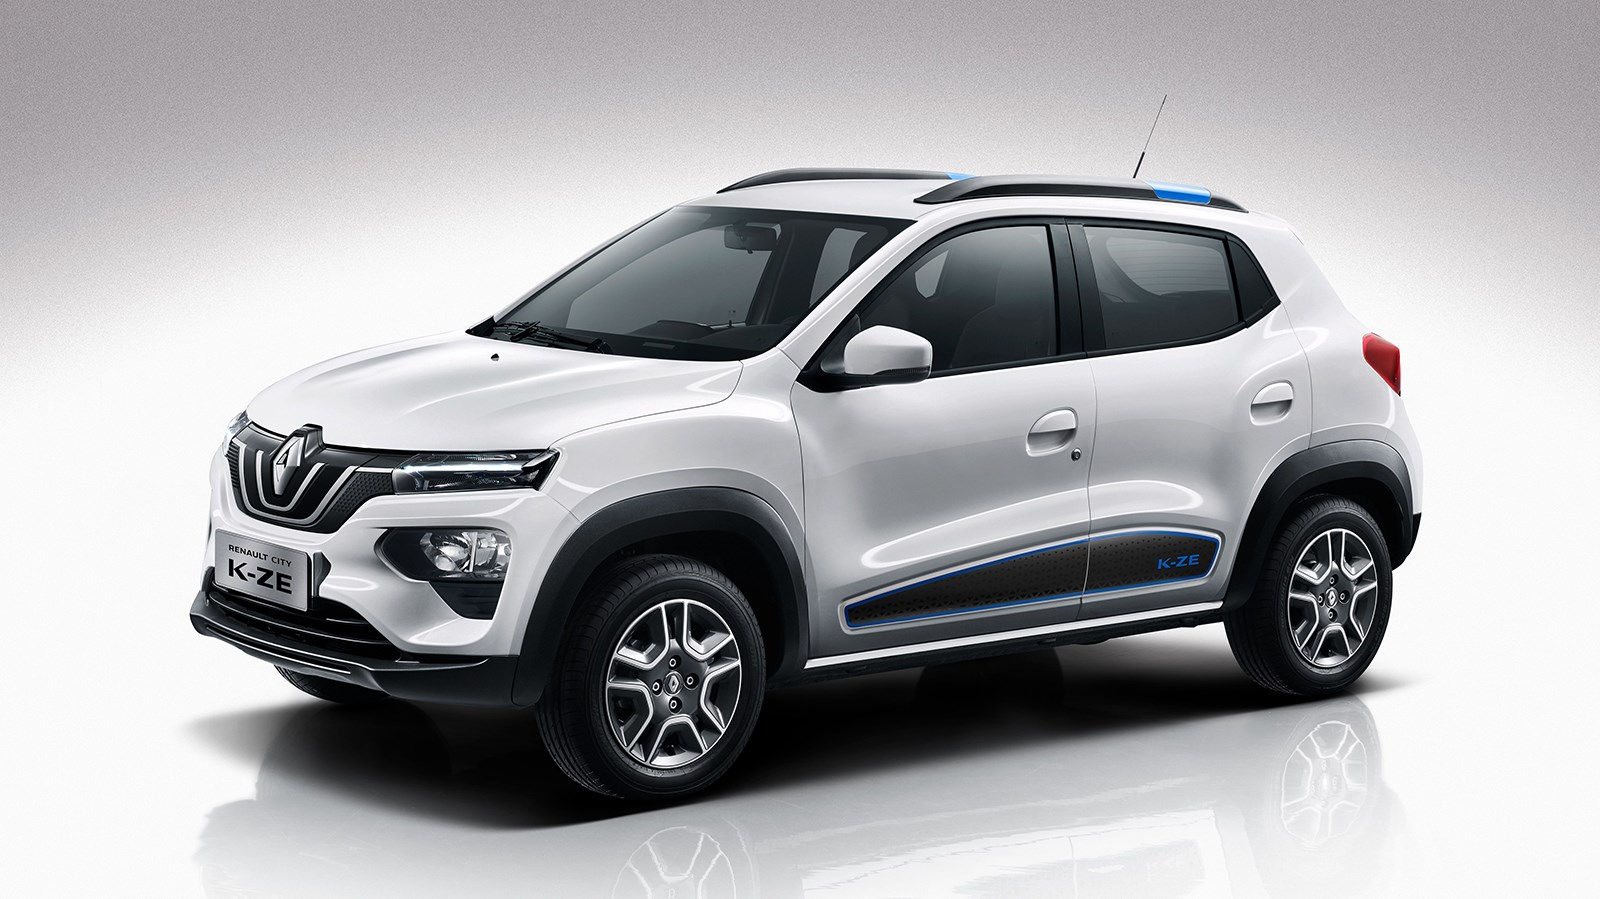 ルノー、中国向けに新しい小型EVを発表  PM2.5センサーを搭載